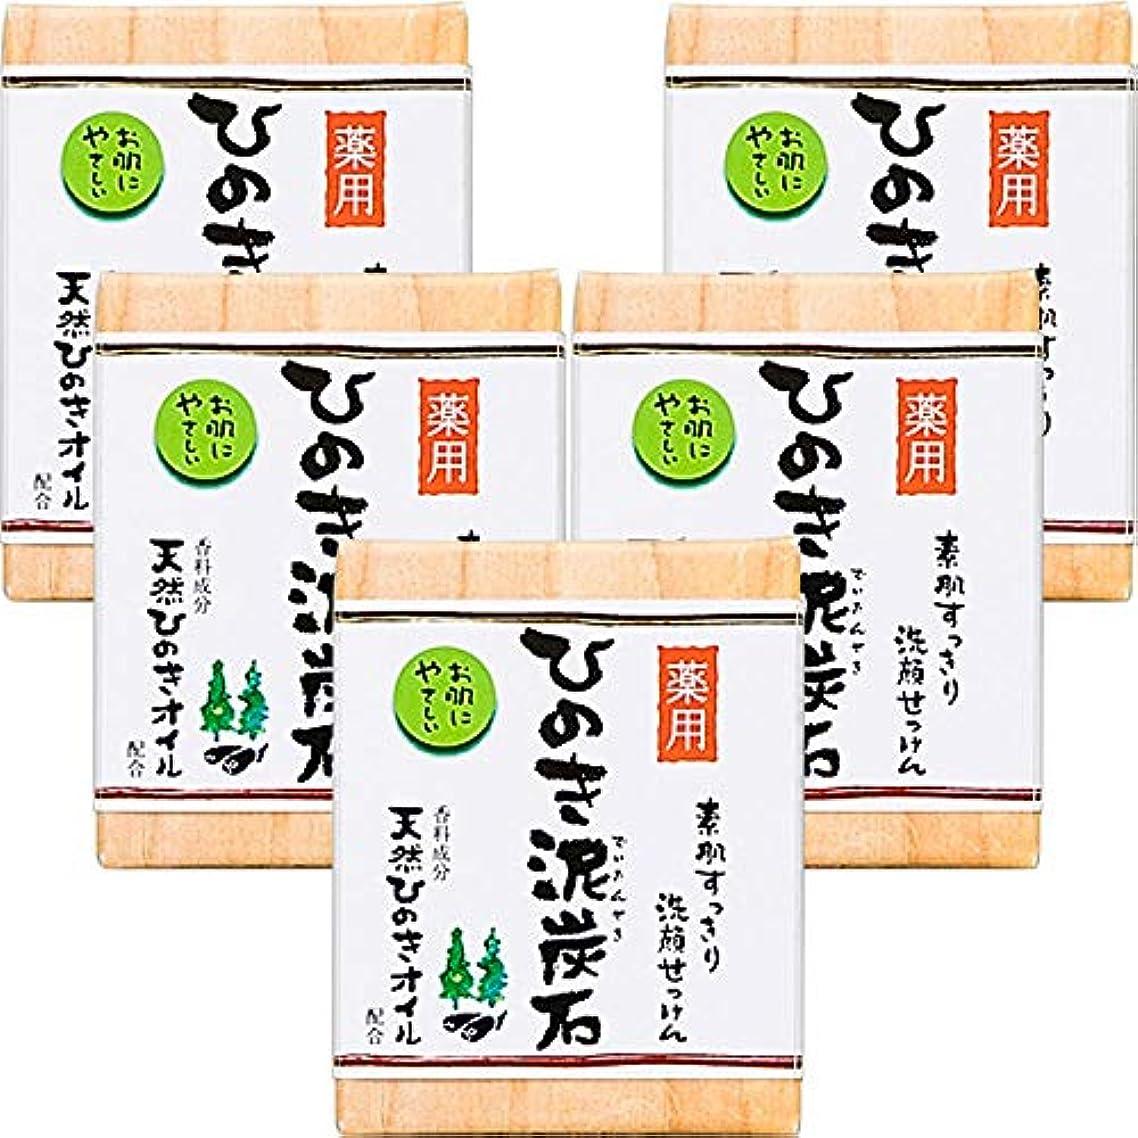 有能な最後のマーカー薬用 ひのき泥炭石 (75g×5個) 洗顔 石けん [天然ひのきオイル配合] 肌荒れ防止